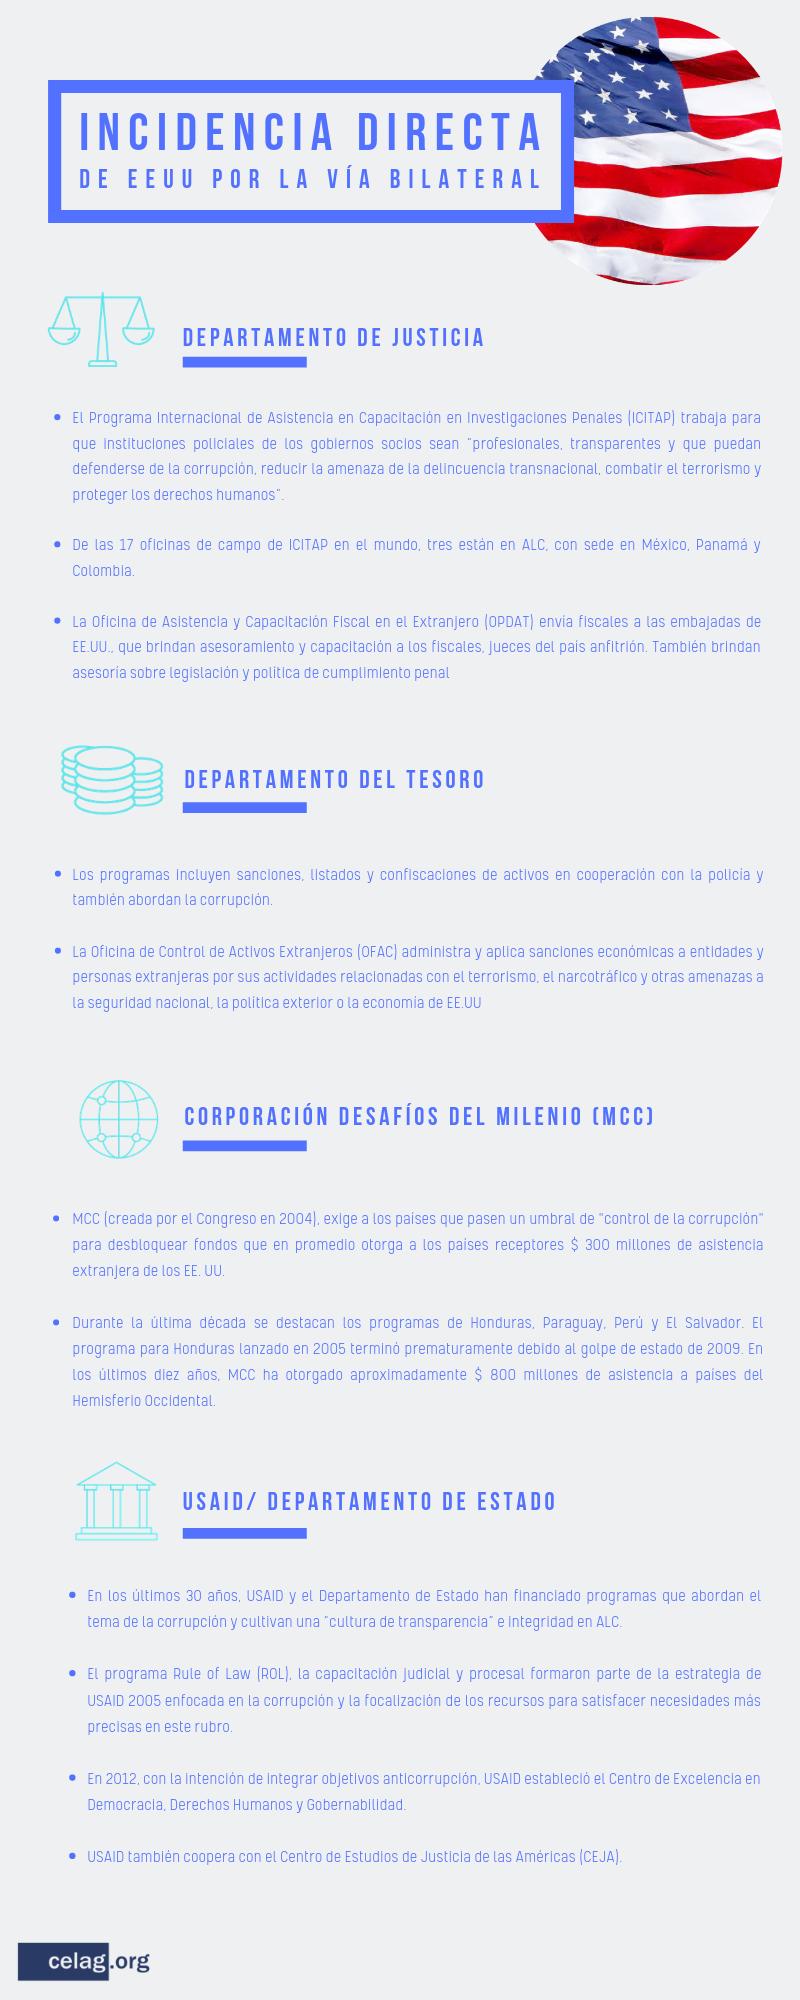 Incidencia directa de EE. UU. en los aparatos judiciales de América Latina